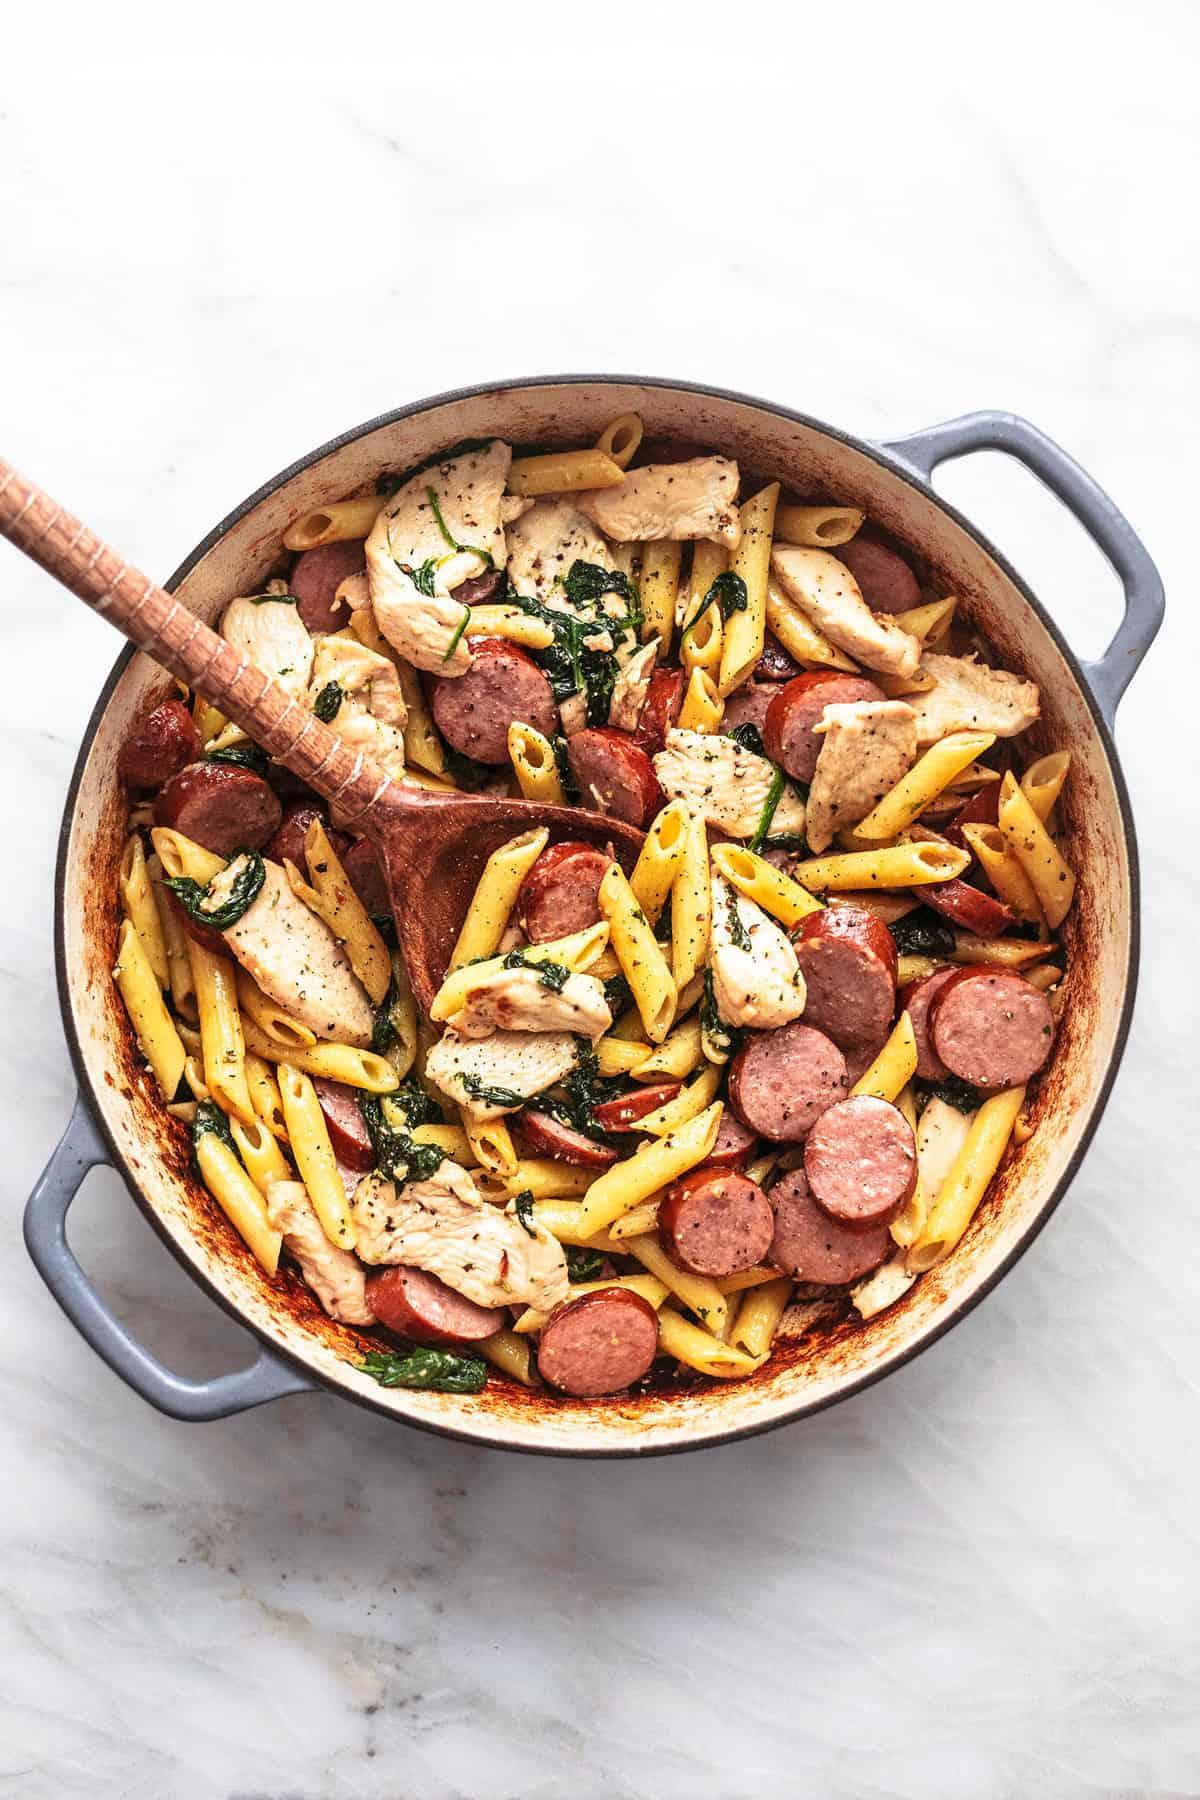 Einfaches Rezept für Hühnchen- und Wurstnudeln | lecremedelacrumb.com